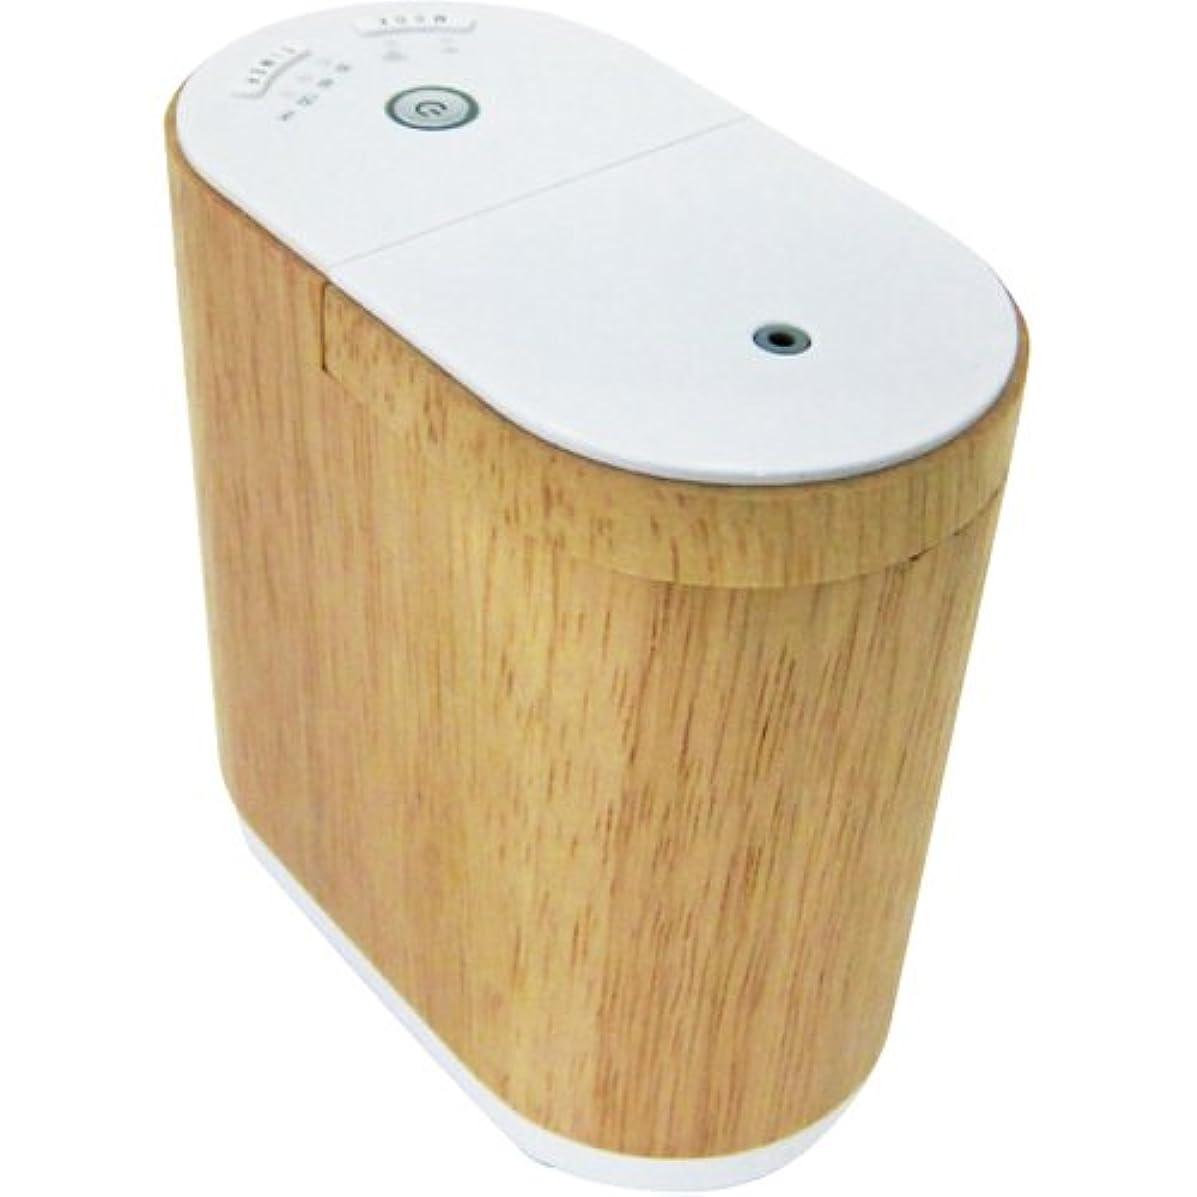 風ドライブ側溝生活の木 アロマディフューザー(ウッド)エッセンシャルオイルディフューザー aromore(アロモア) 08-801-6010